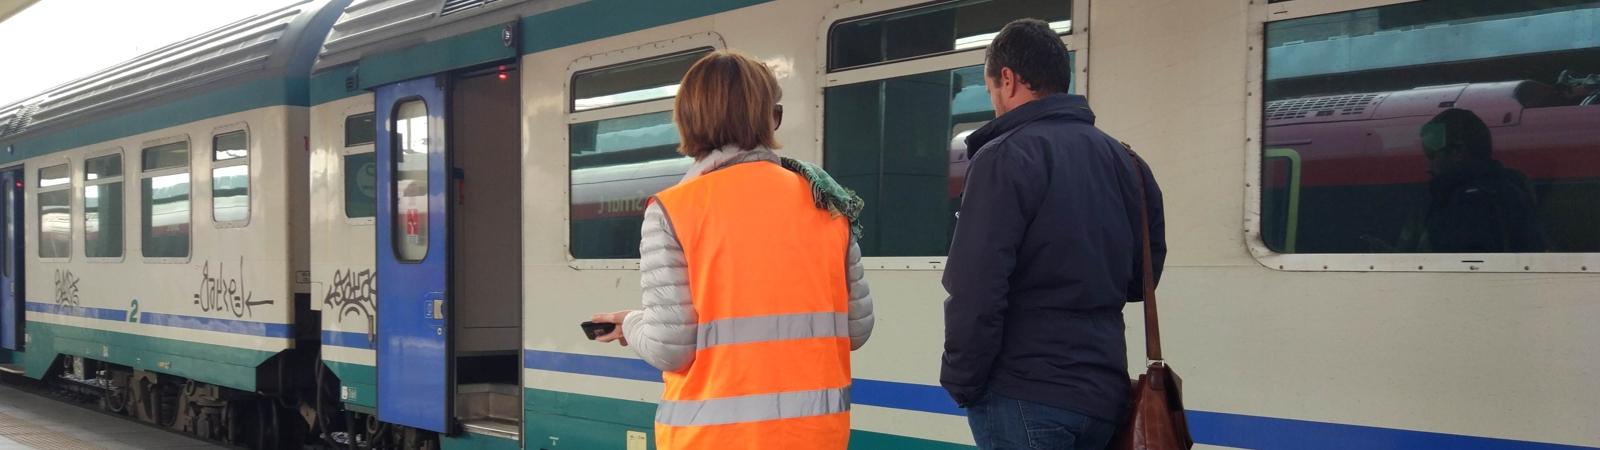 indagini sulla domanda, sulla mobilita'  e sulla qualita' attesa e percepita per i diversi sistemi di trasporto pubblico